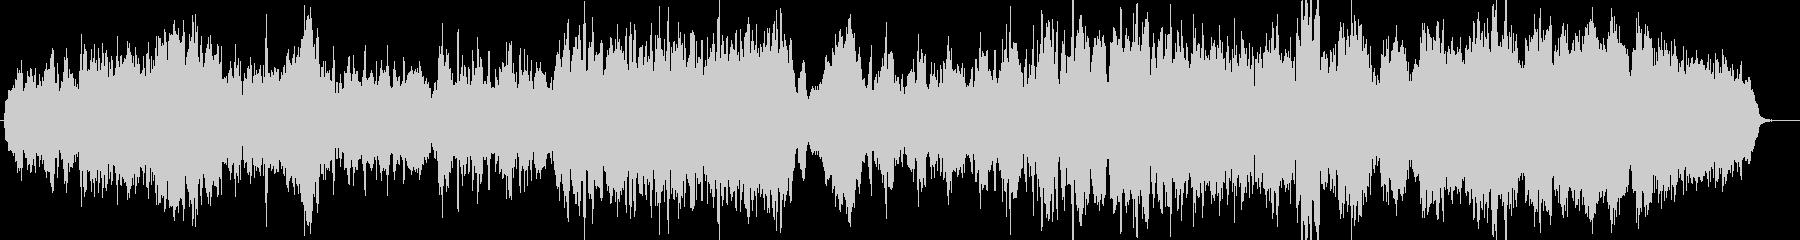 ジブリ的イメージの弦楽アンサンブルの未再生の波形